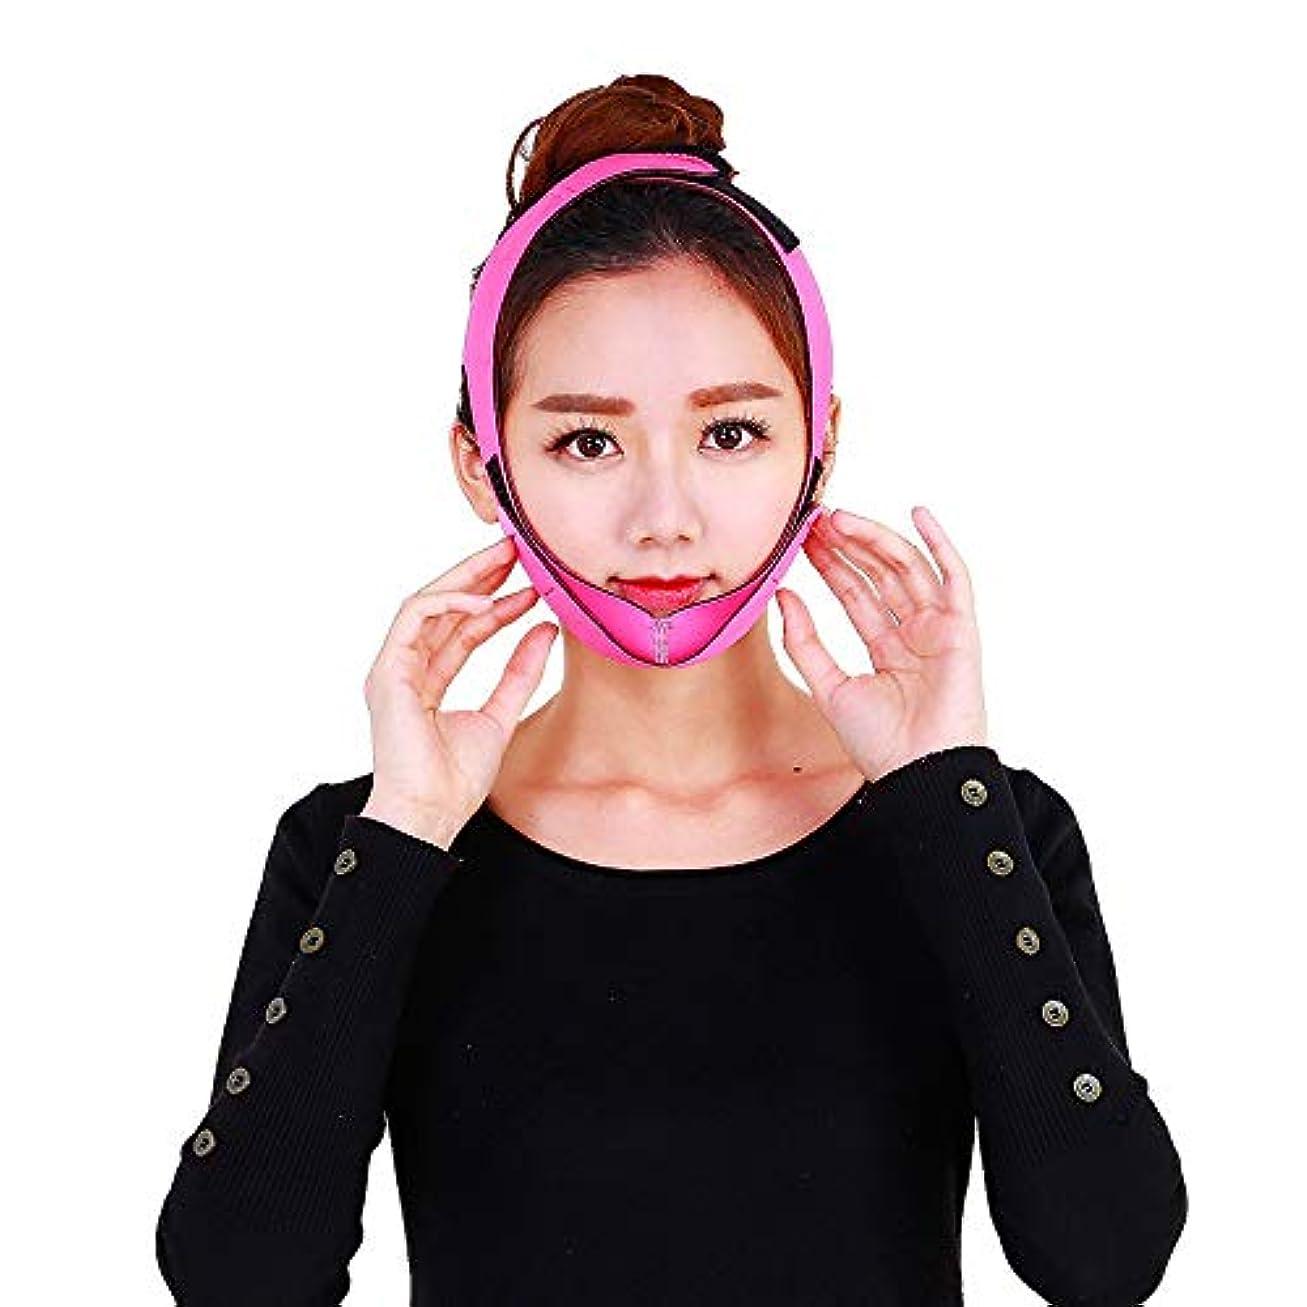 足同様に光電二重顎ベルト、美容マスク、しっかり持ち上げ、顔を持ち上げる包帯、V字形の人工物